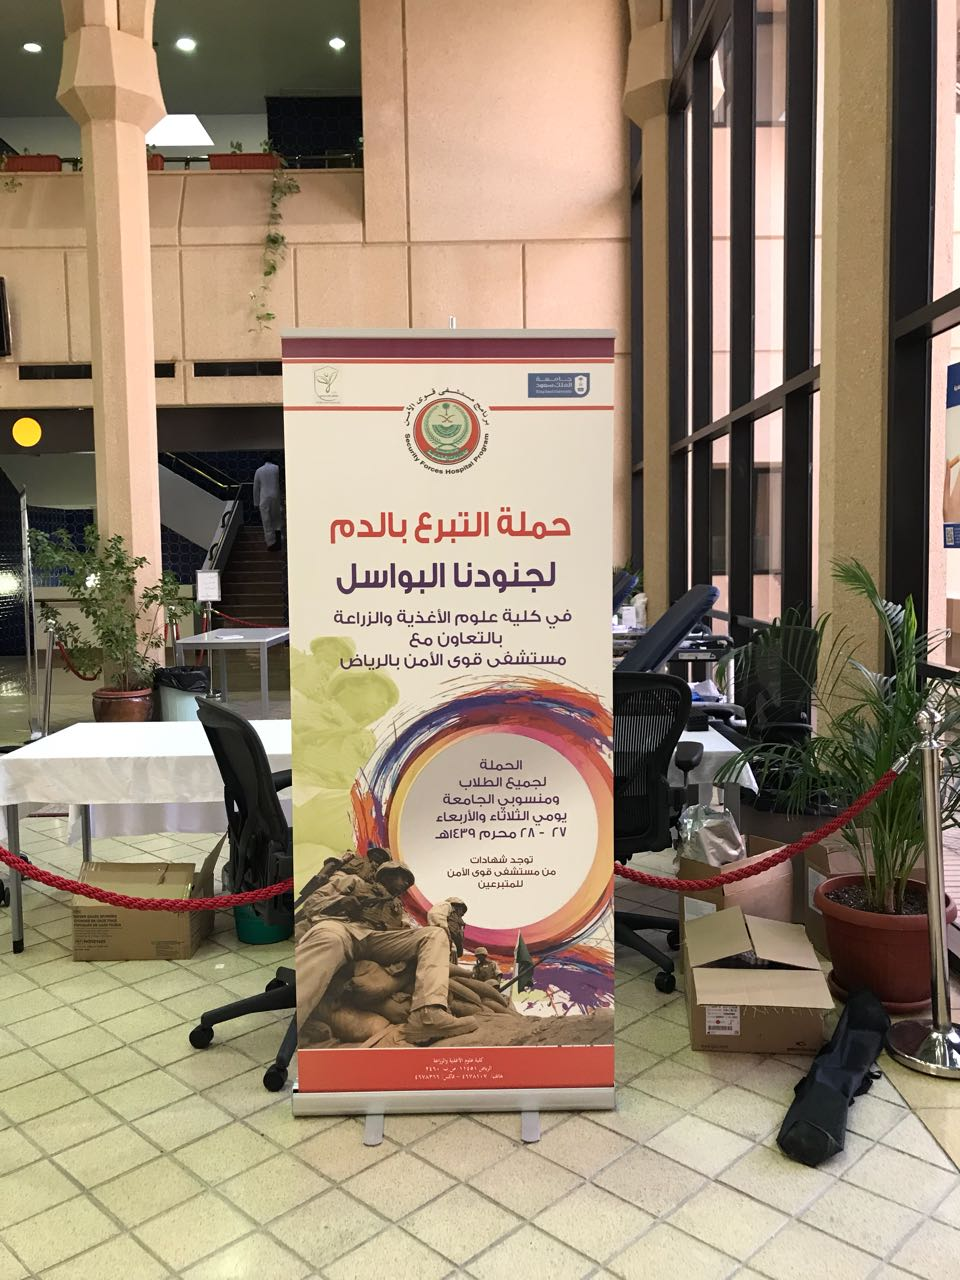 14- اختتام فعاليات حملة التبرع بالدم في كلية علوم الأغذية والزراعة.